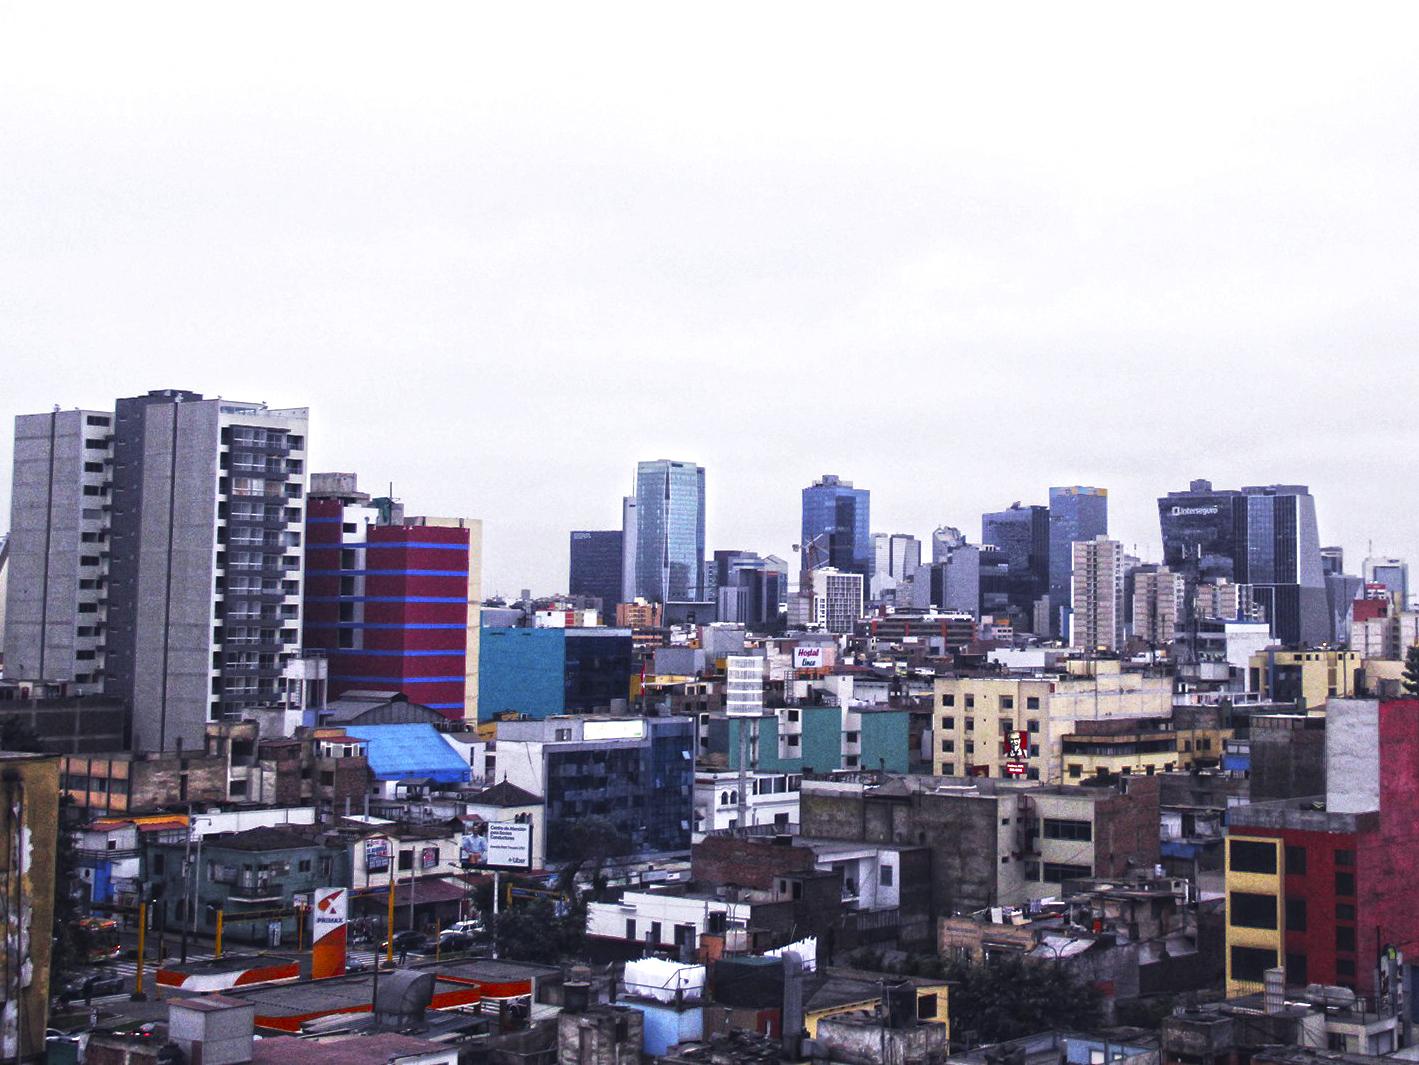 Asiste al Foro Urbano: Afirmando Colectivamente el Derecho a la Ciudad